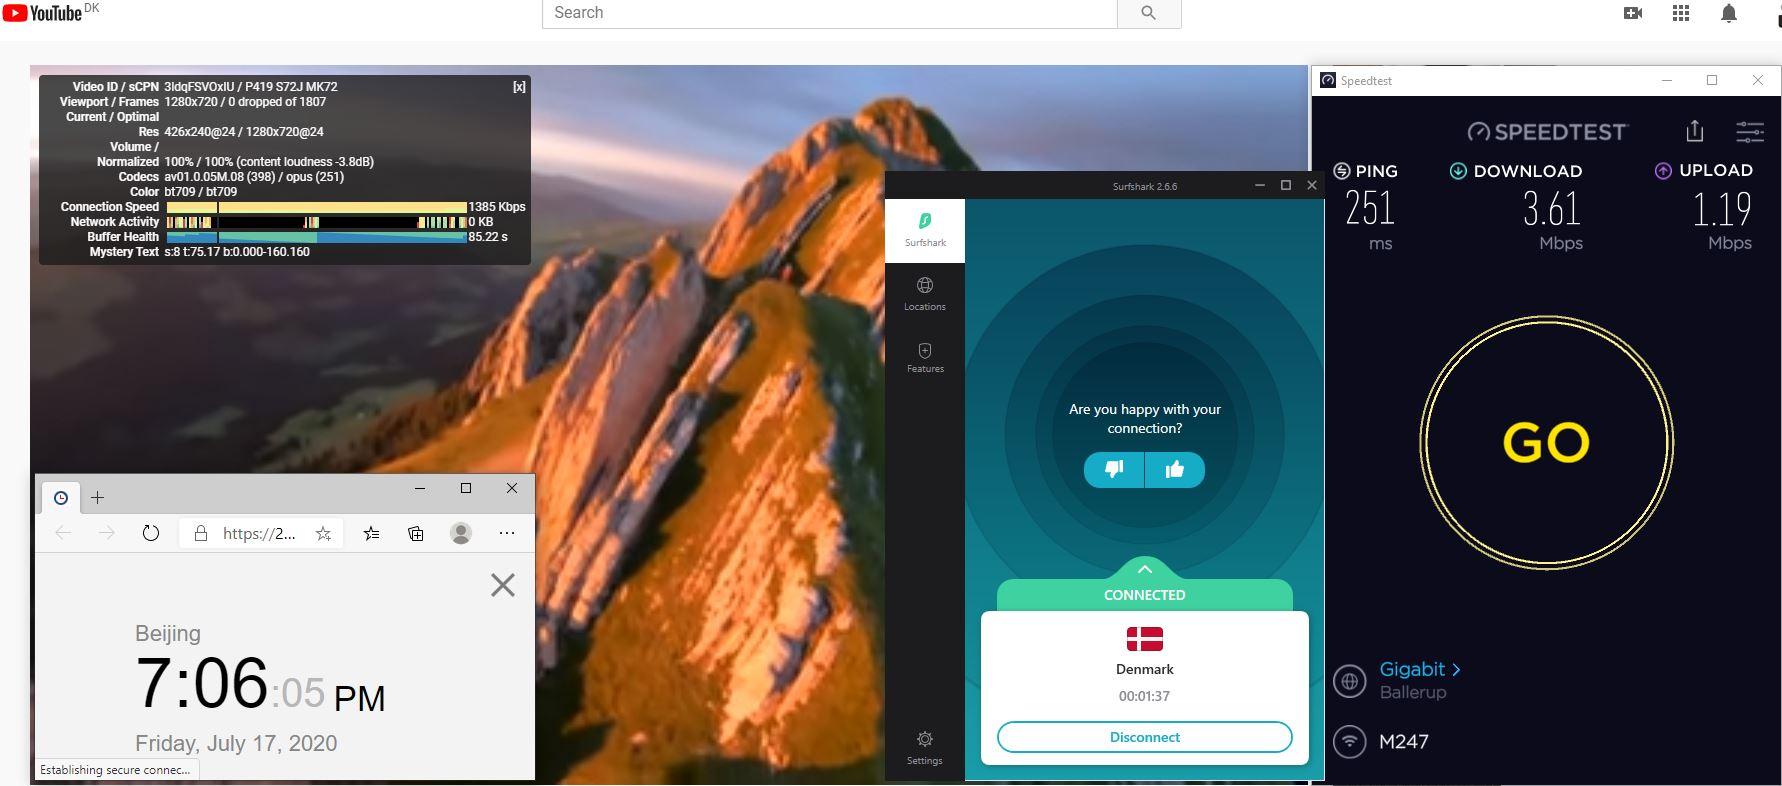 Windows10 SurfsharkVPN Denmark 中国VPN 翻墙 科学上网 测速-20200717